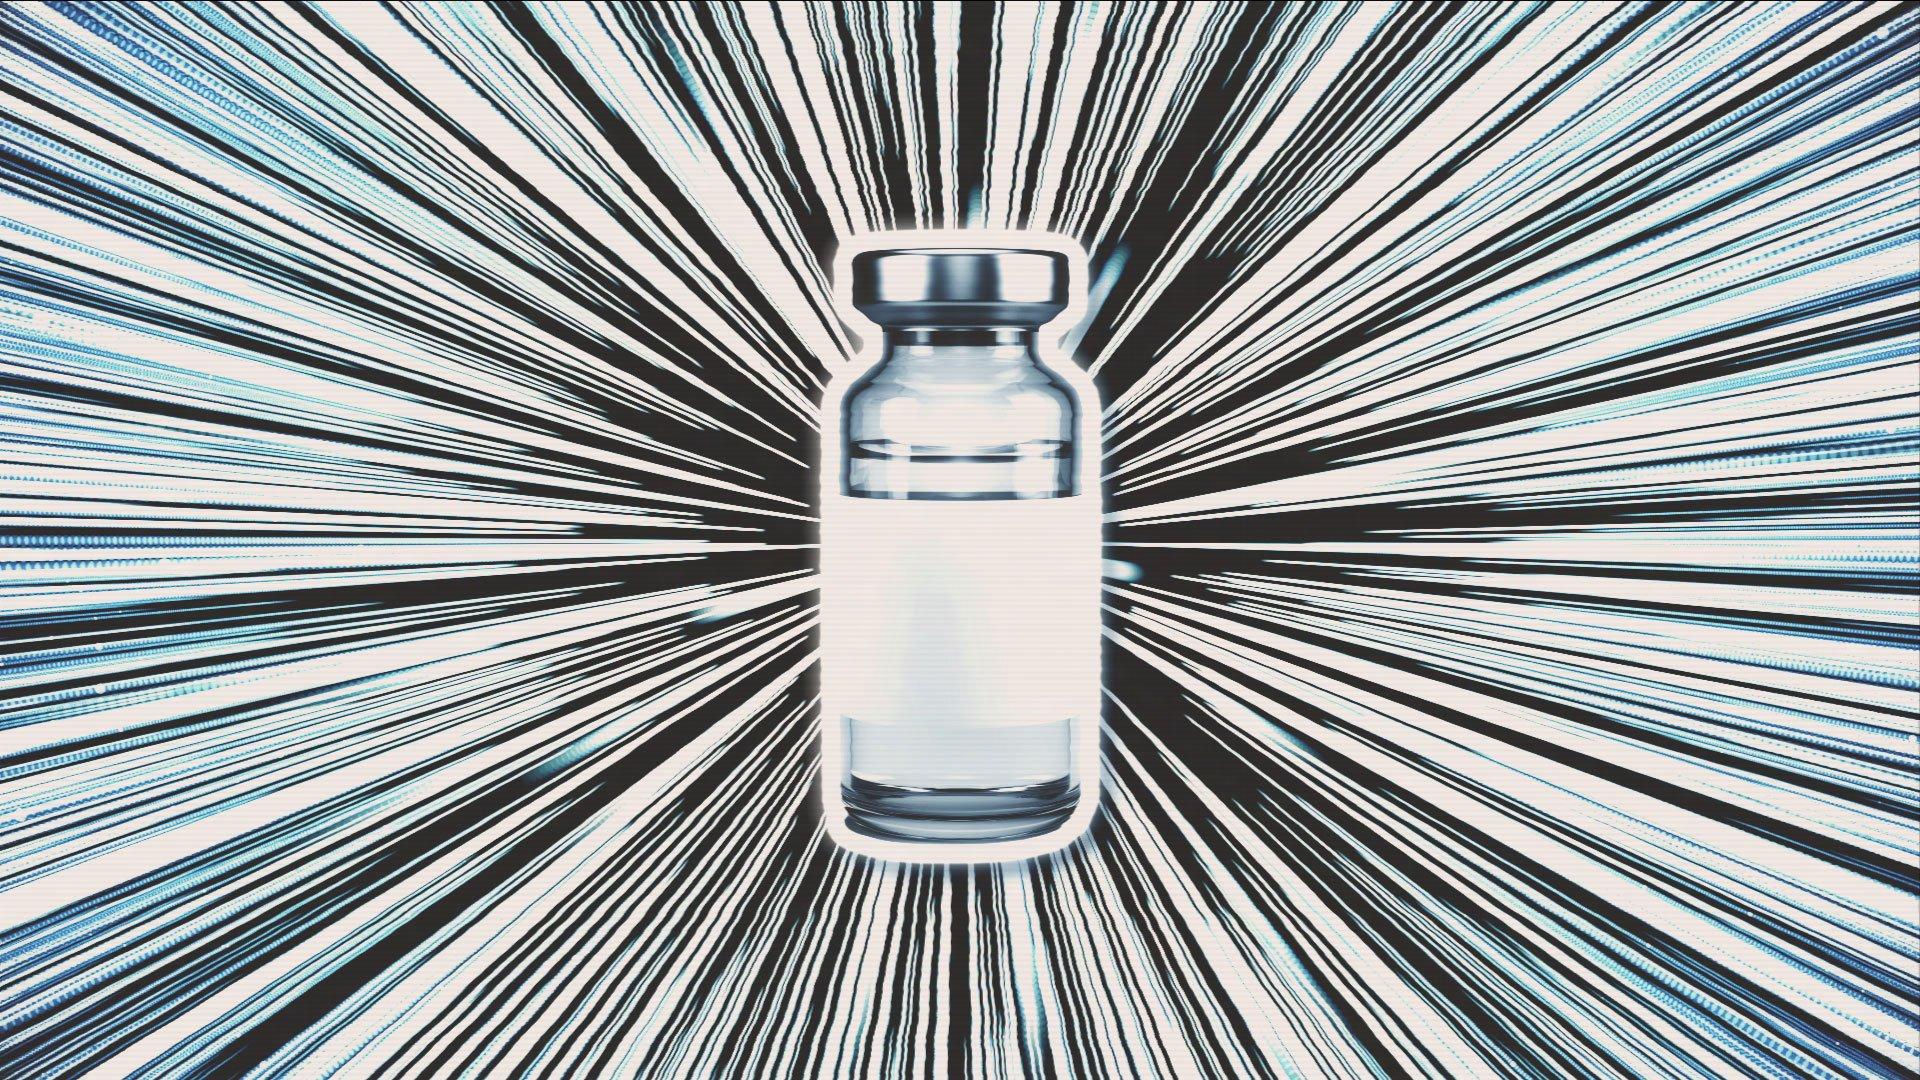 План Джонса Хопкинса по вакцинации лиц с психическими отклонениями и этнических меньшинств